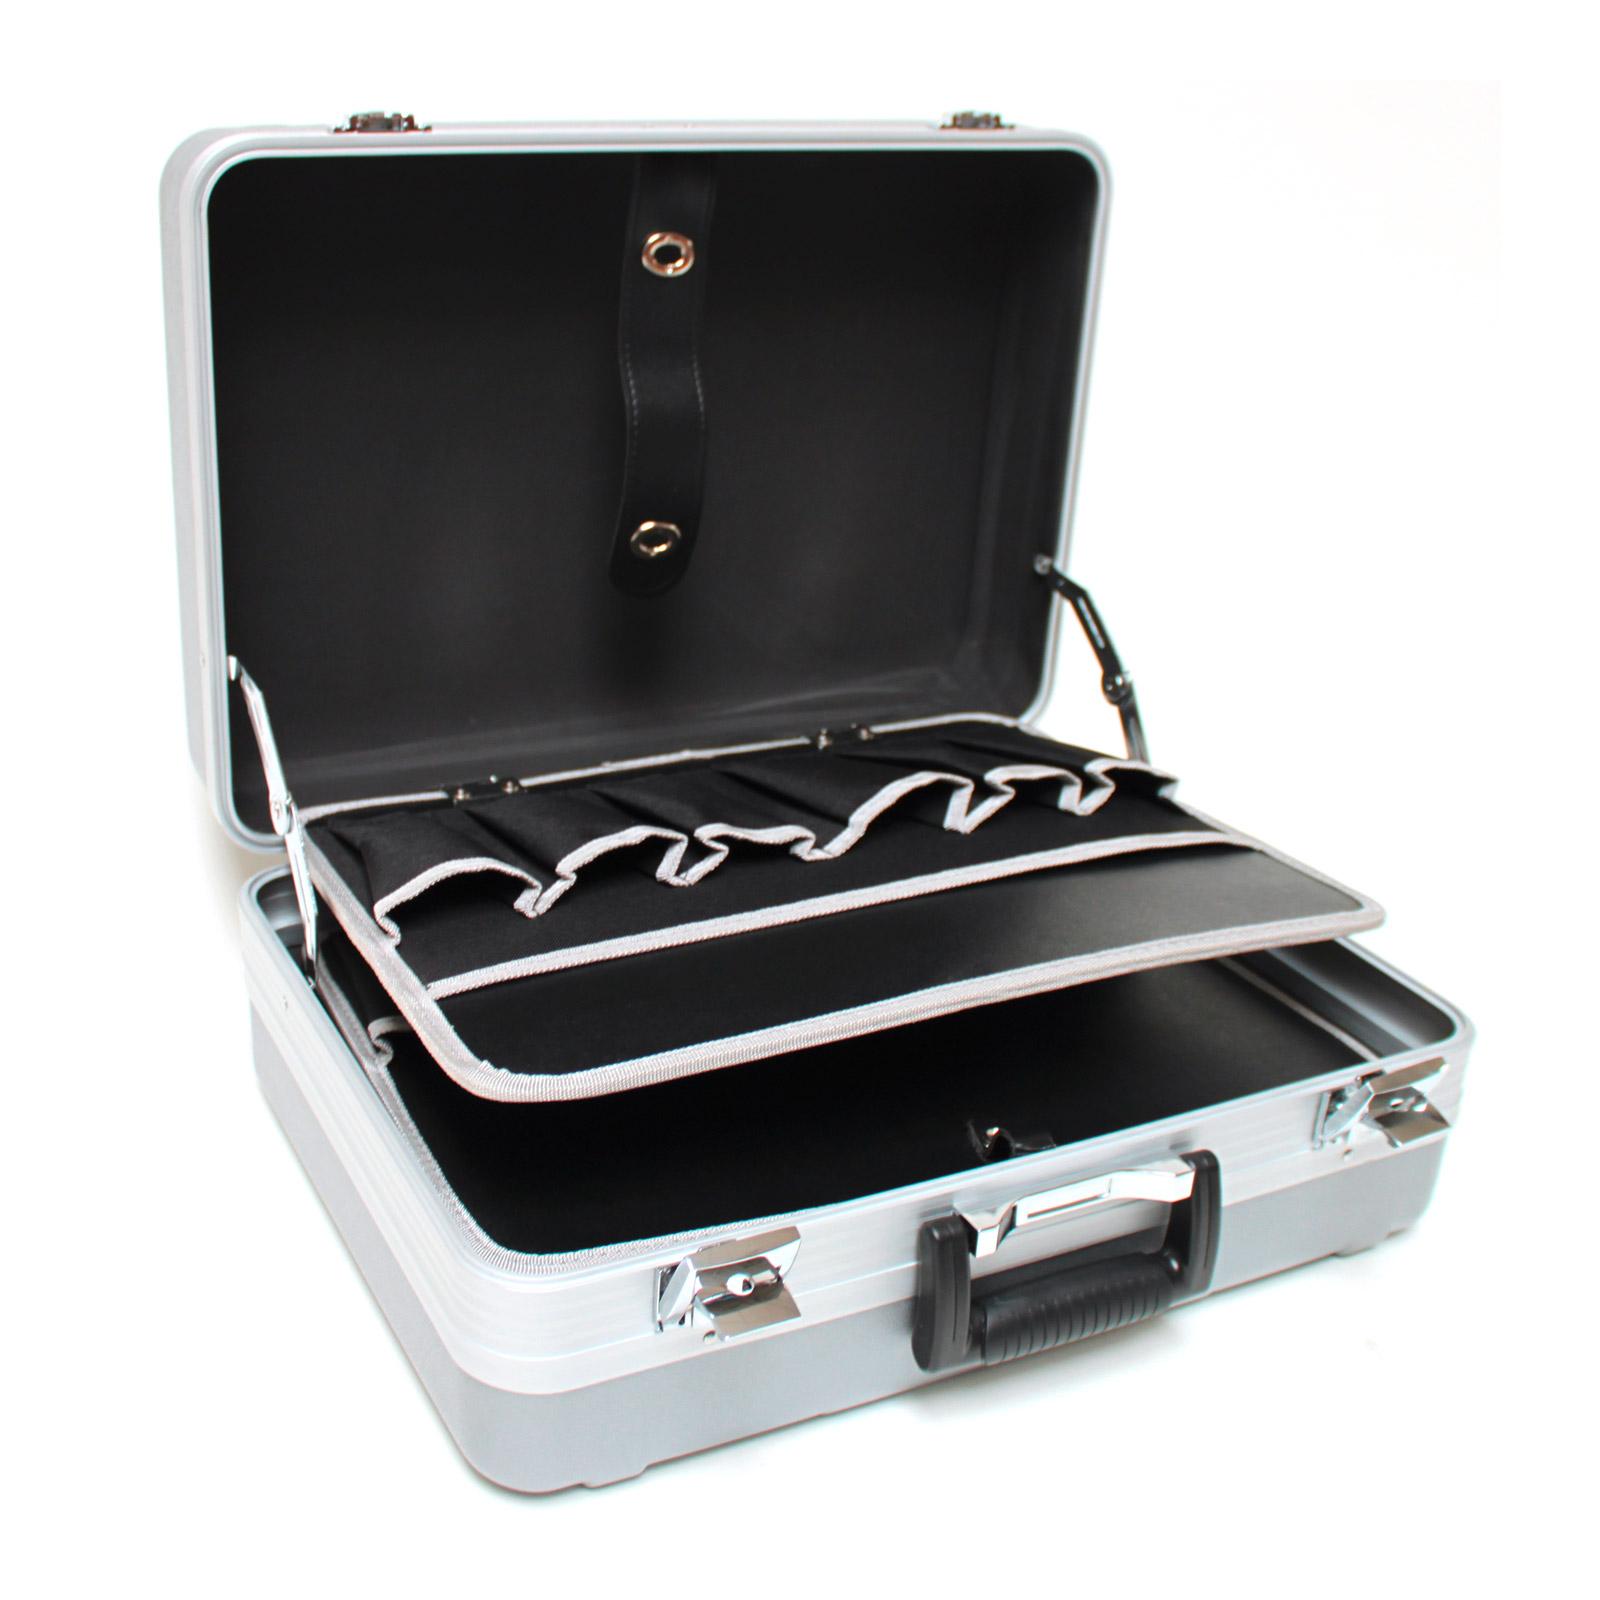 917684 werkzeugkoffer hartschalenkoffer koffer abs neu ebay. Black Bedroom Furniture Sets. Home Design Ideas